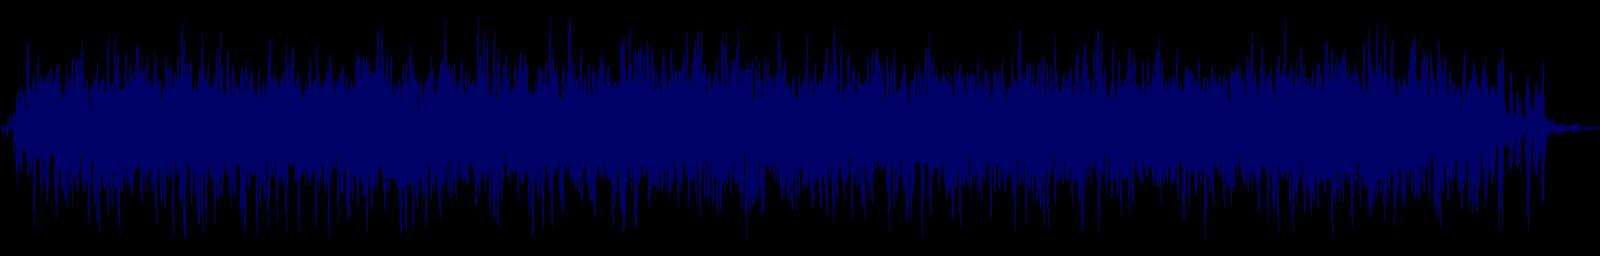 waveform of track #143612